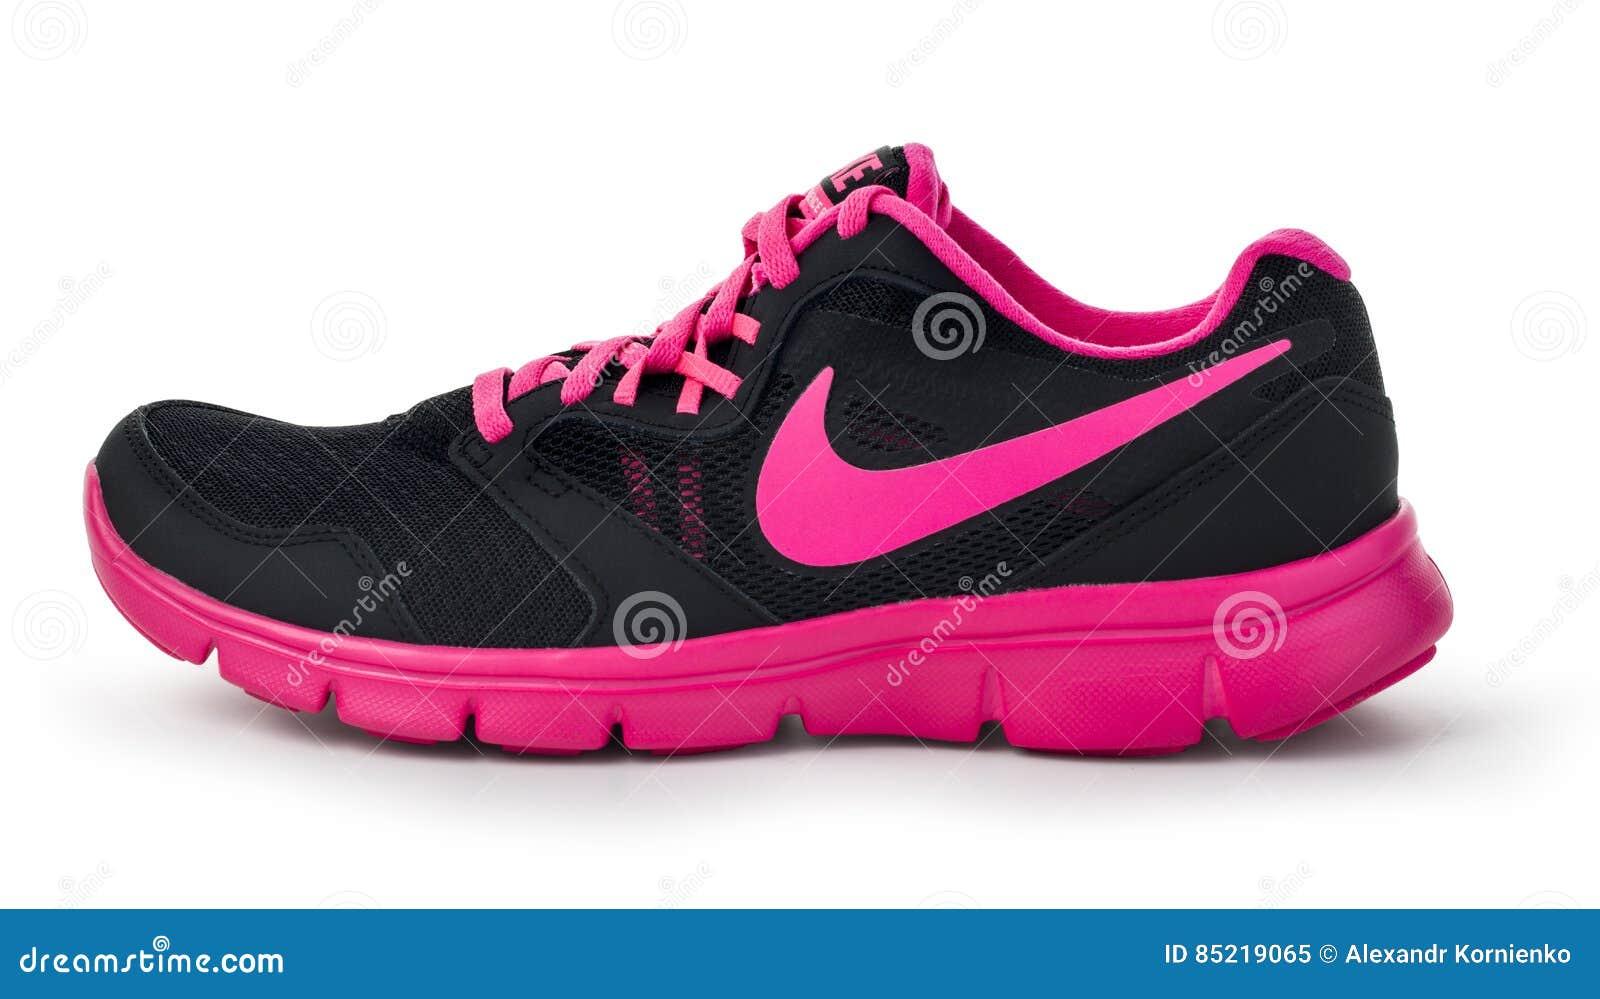 d5deb95b16b Chisinau, Μολδαβία 27 Μαΐου 2015: Nike κυρία ` s - τρέχοντας παπούτσια  γυναικών ` s - πάνινα παπούτσια - εκπαιδευτές, γκρίζος και ρόδινος,  παρουσιάζοντας το ...